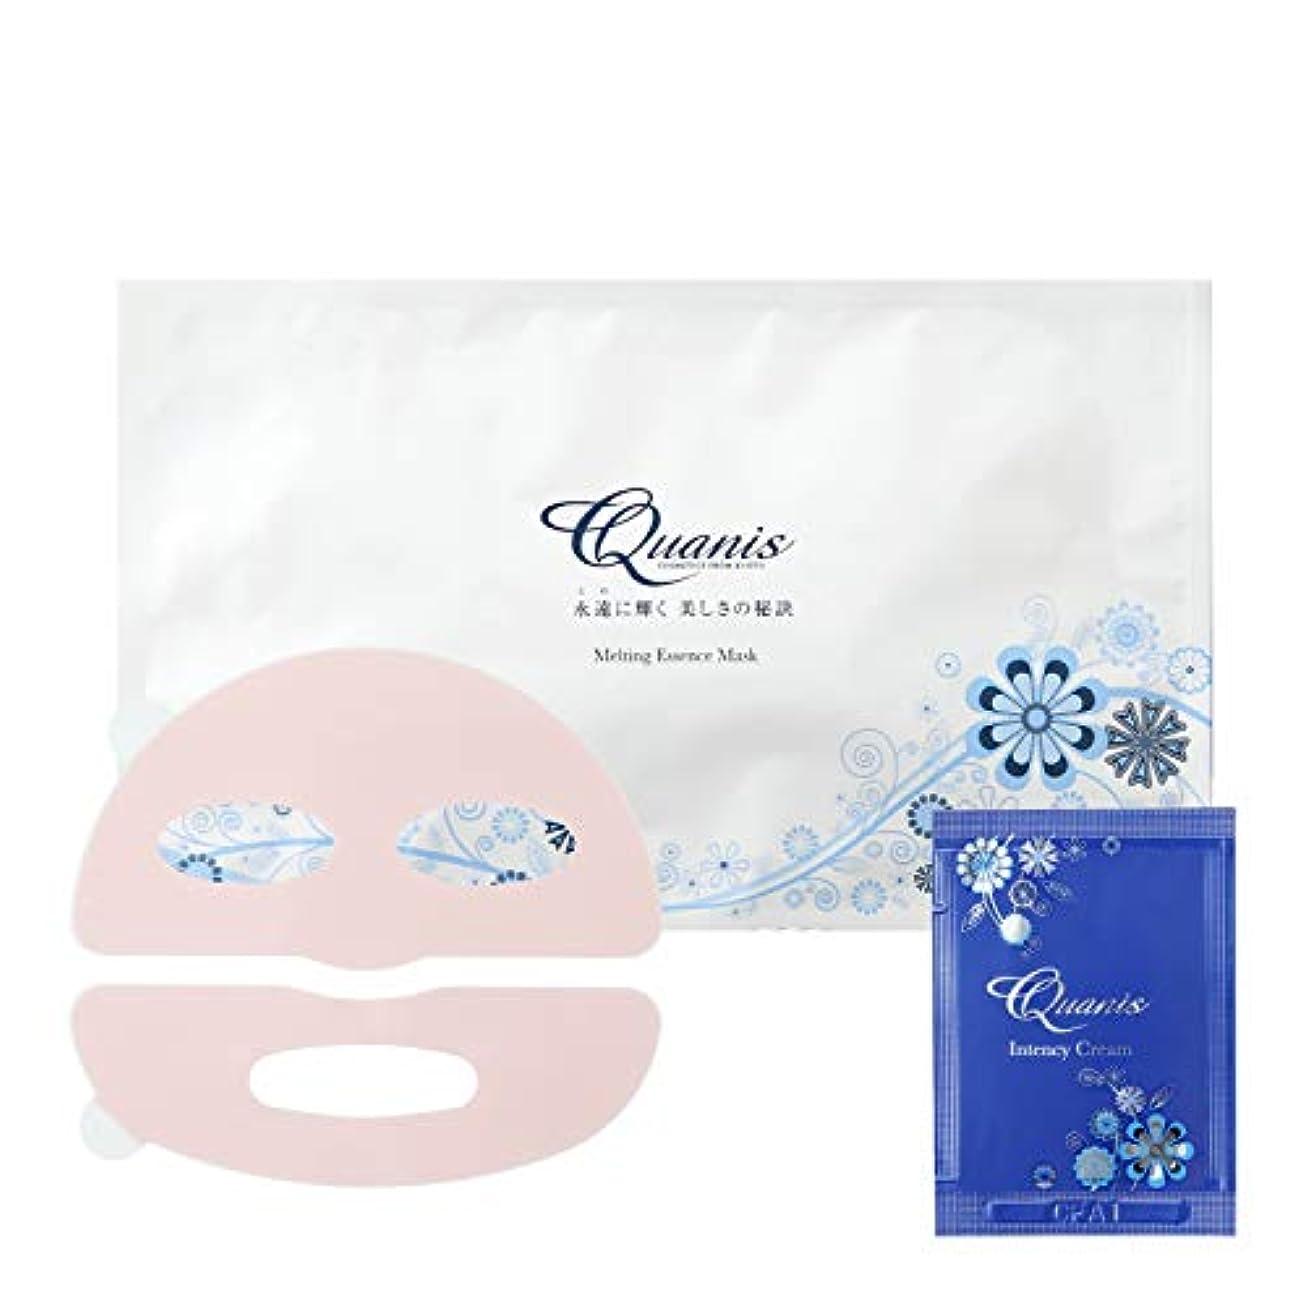 ゾーン王室ショートQuanis (クオニス) メルティングエッセンスマスク [温感フェイスマスク パック] ヒアルロン酸配合/100%美容液 とろけるマスク (パックシート×1枚+アイクリームセット)